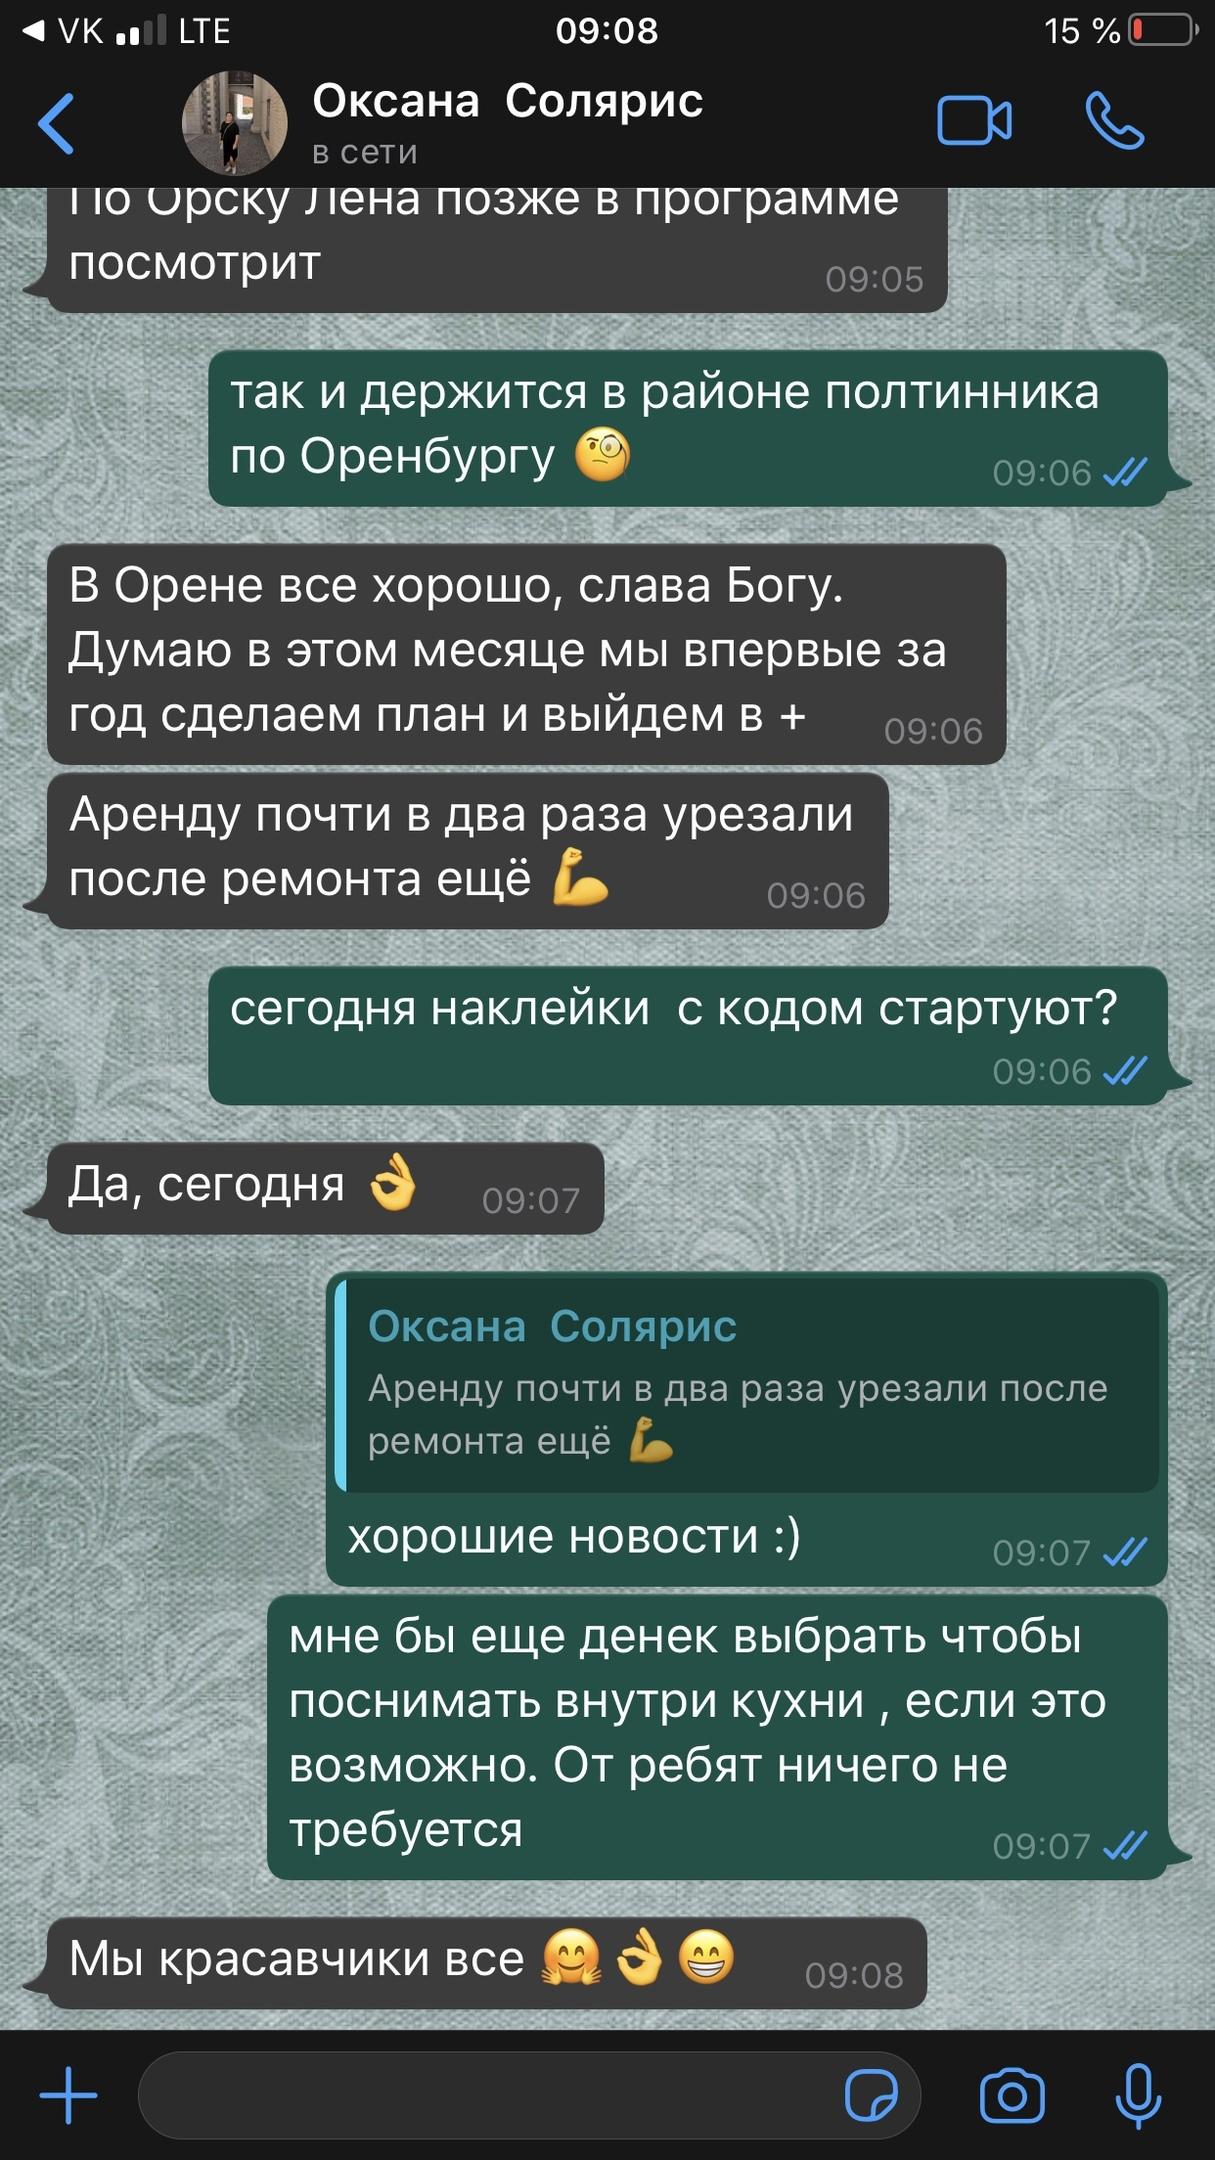 второй отзыв ))